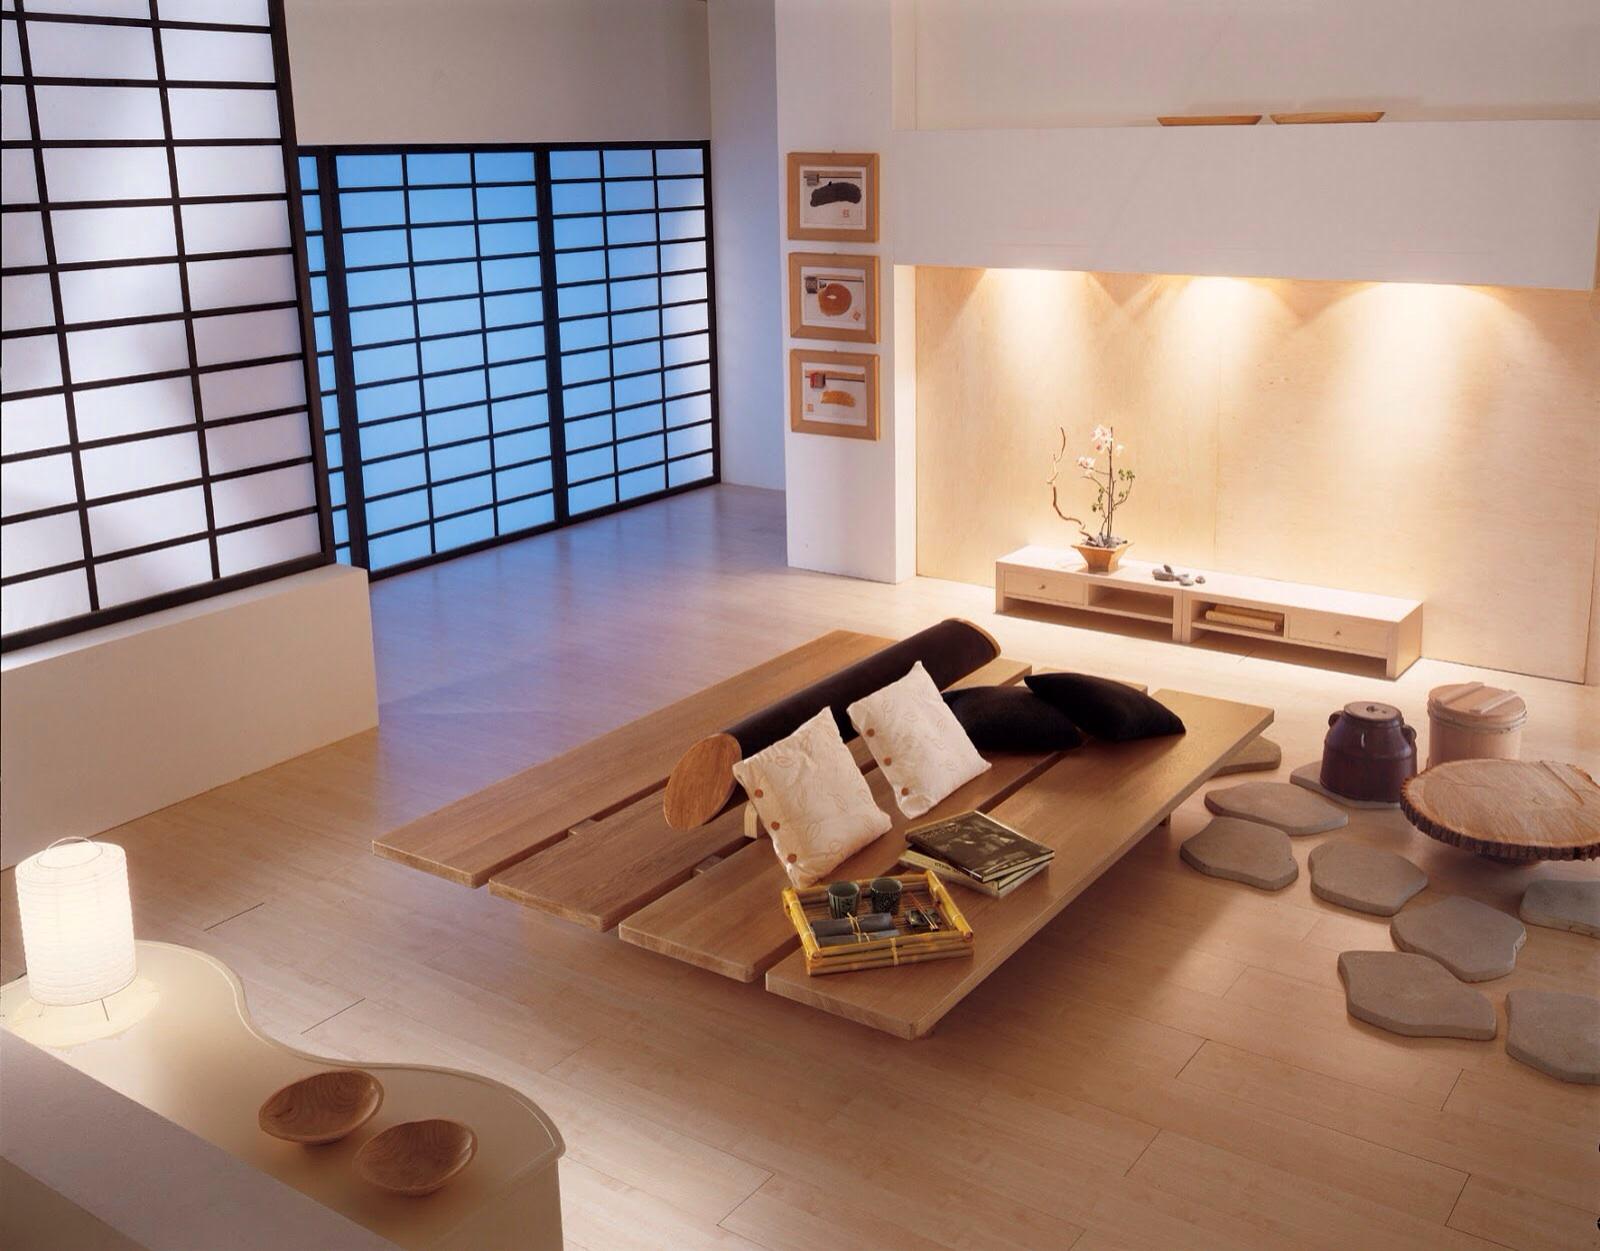 Inspiration | 5 Interior Design Tips For a Contemporary